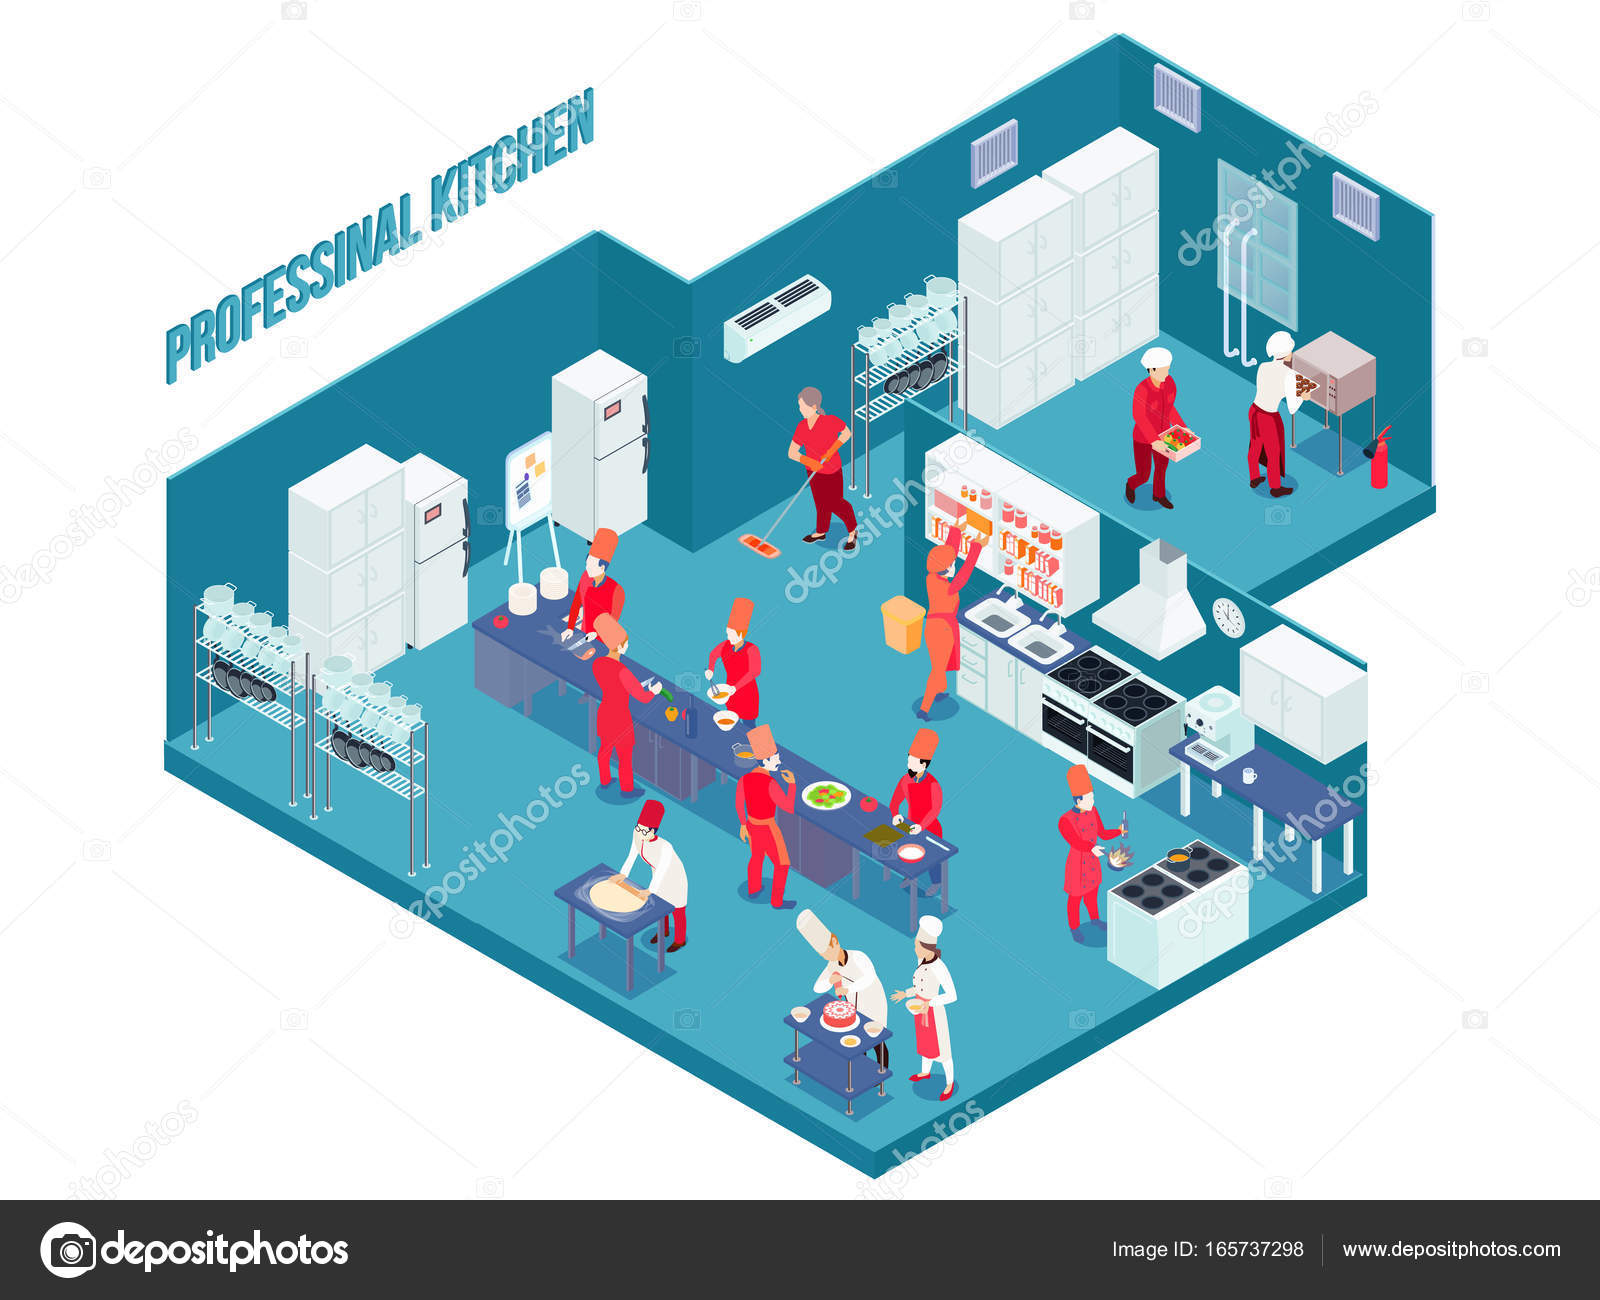 Profi Küche In Blau Mit Weiß Grau Möbel, Geräte, Geschirr, Personal In  Einheitliche Isometrische Vektor Illustration U2014 Vektor Von Macrovector